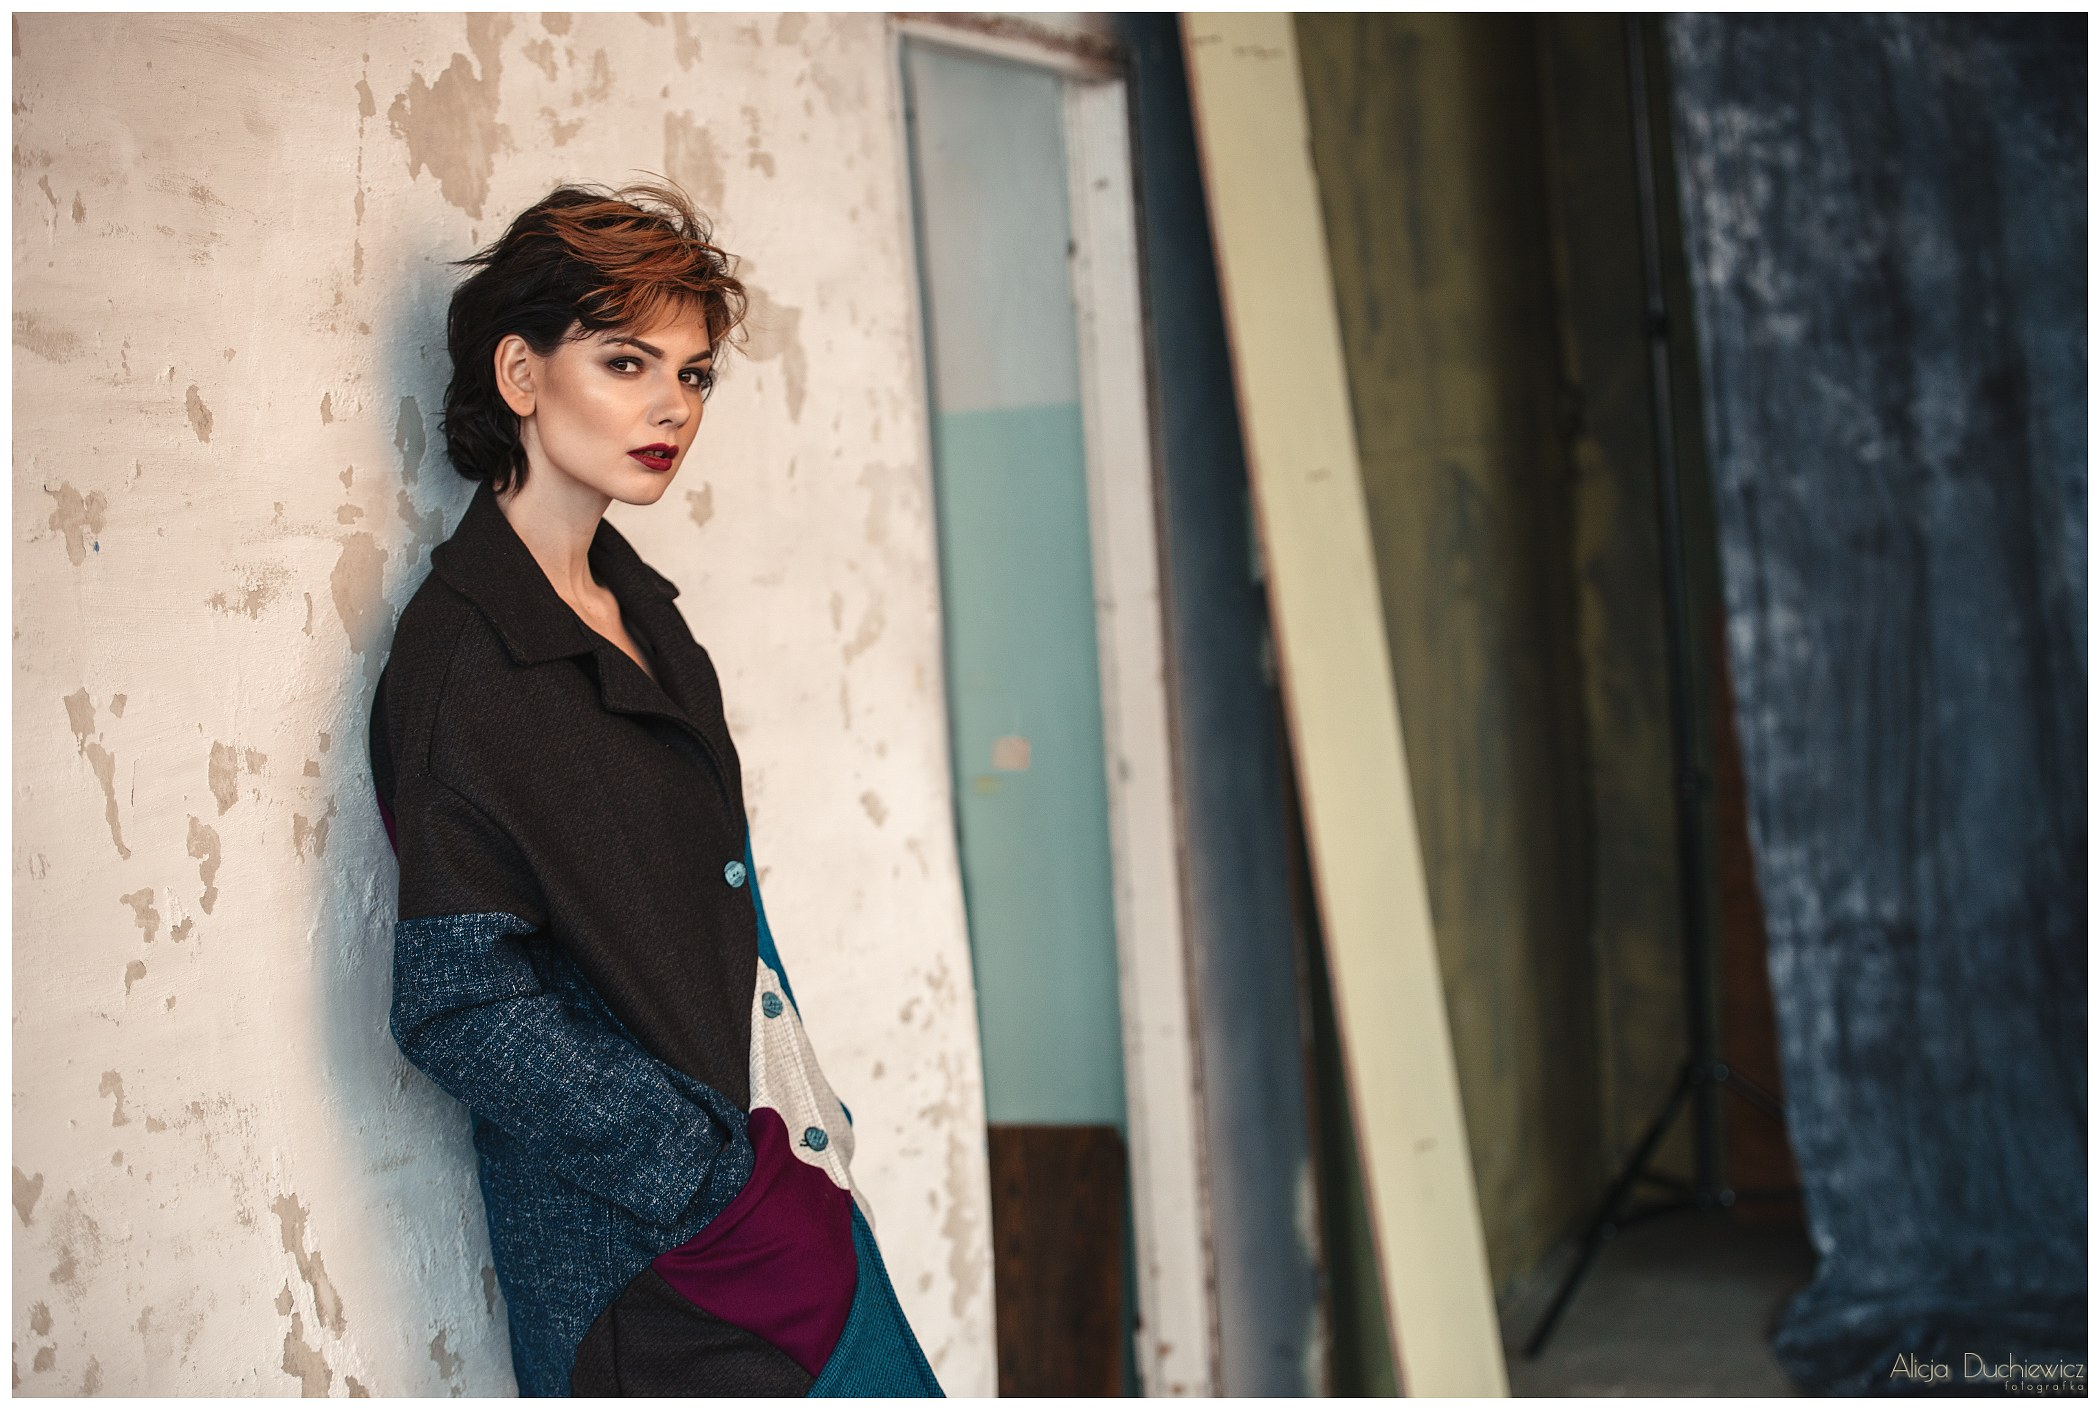 sesje zdjęciowe warszawa, sesja fashion